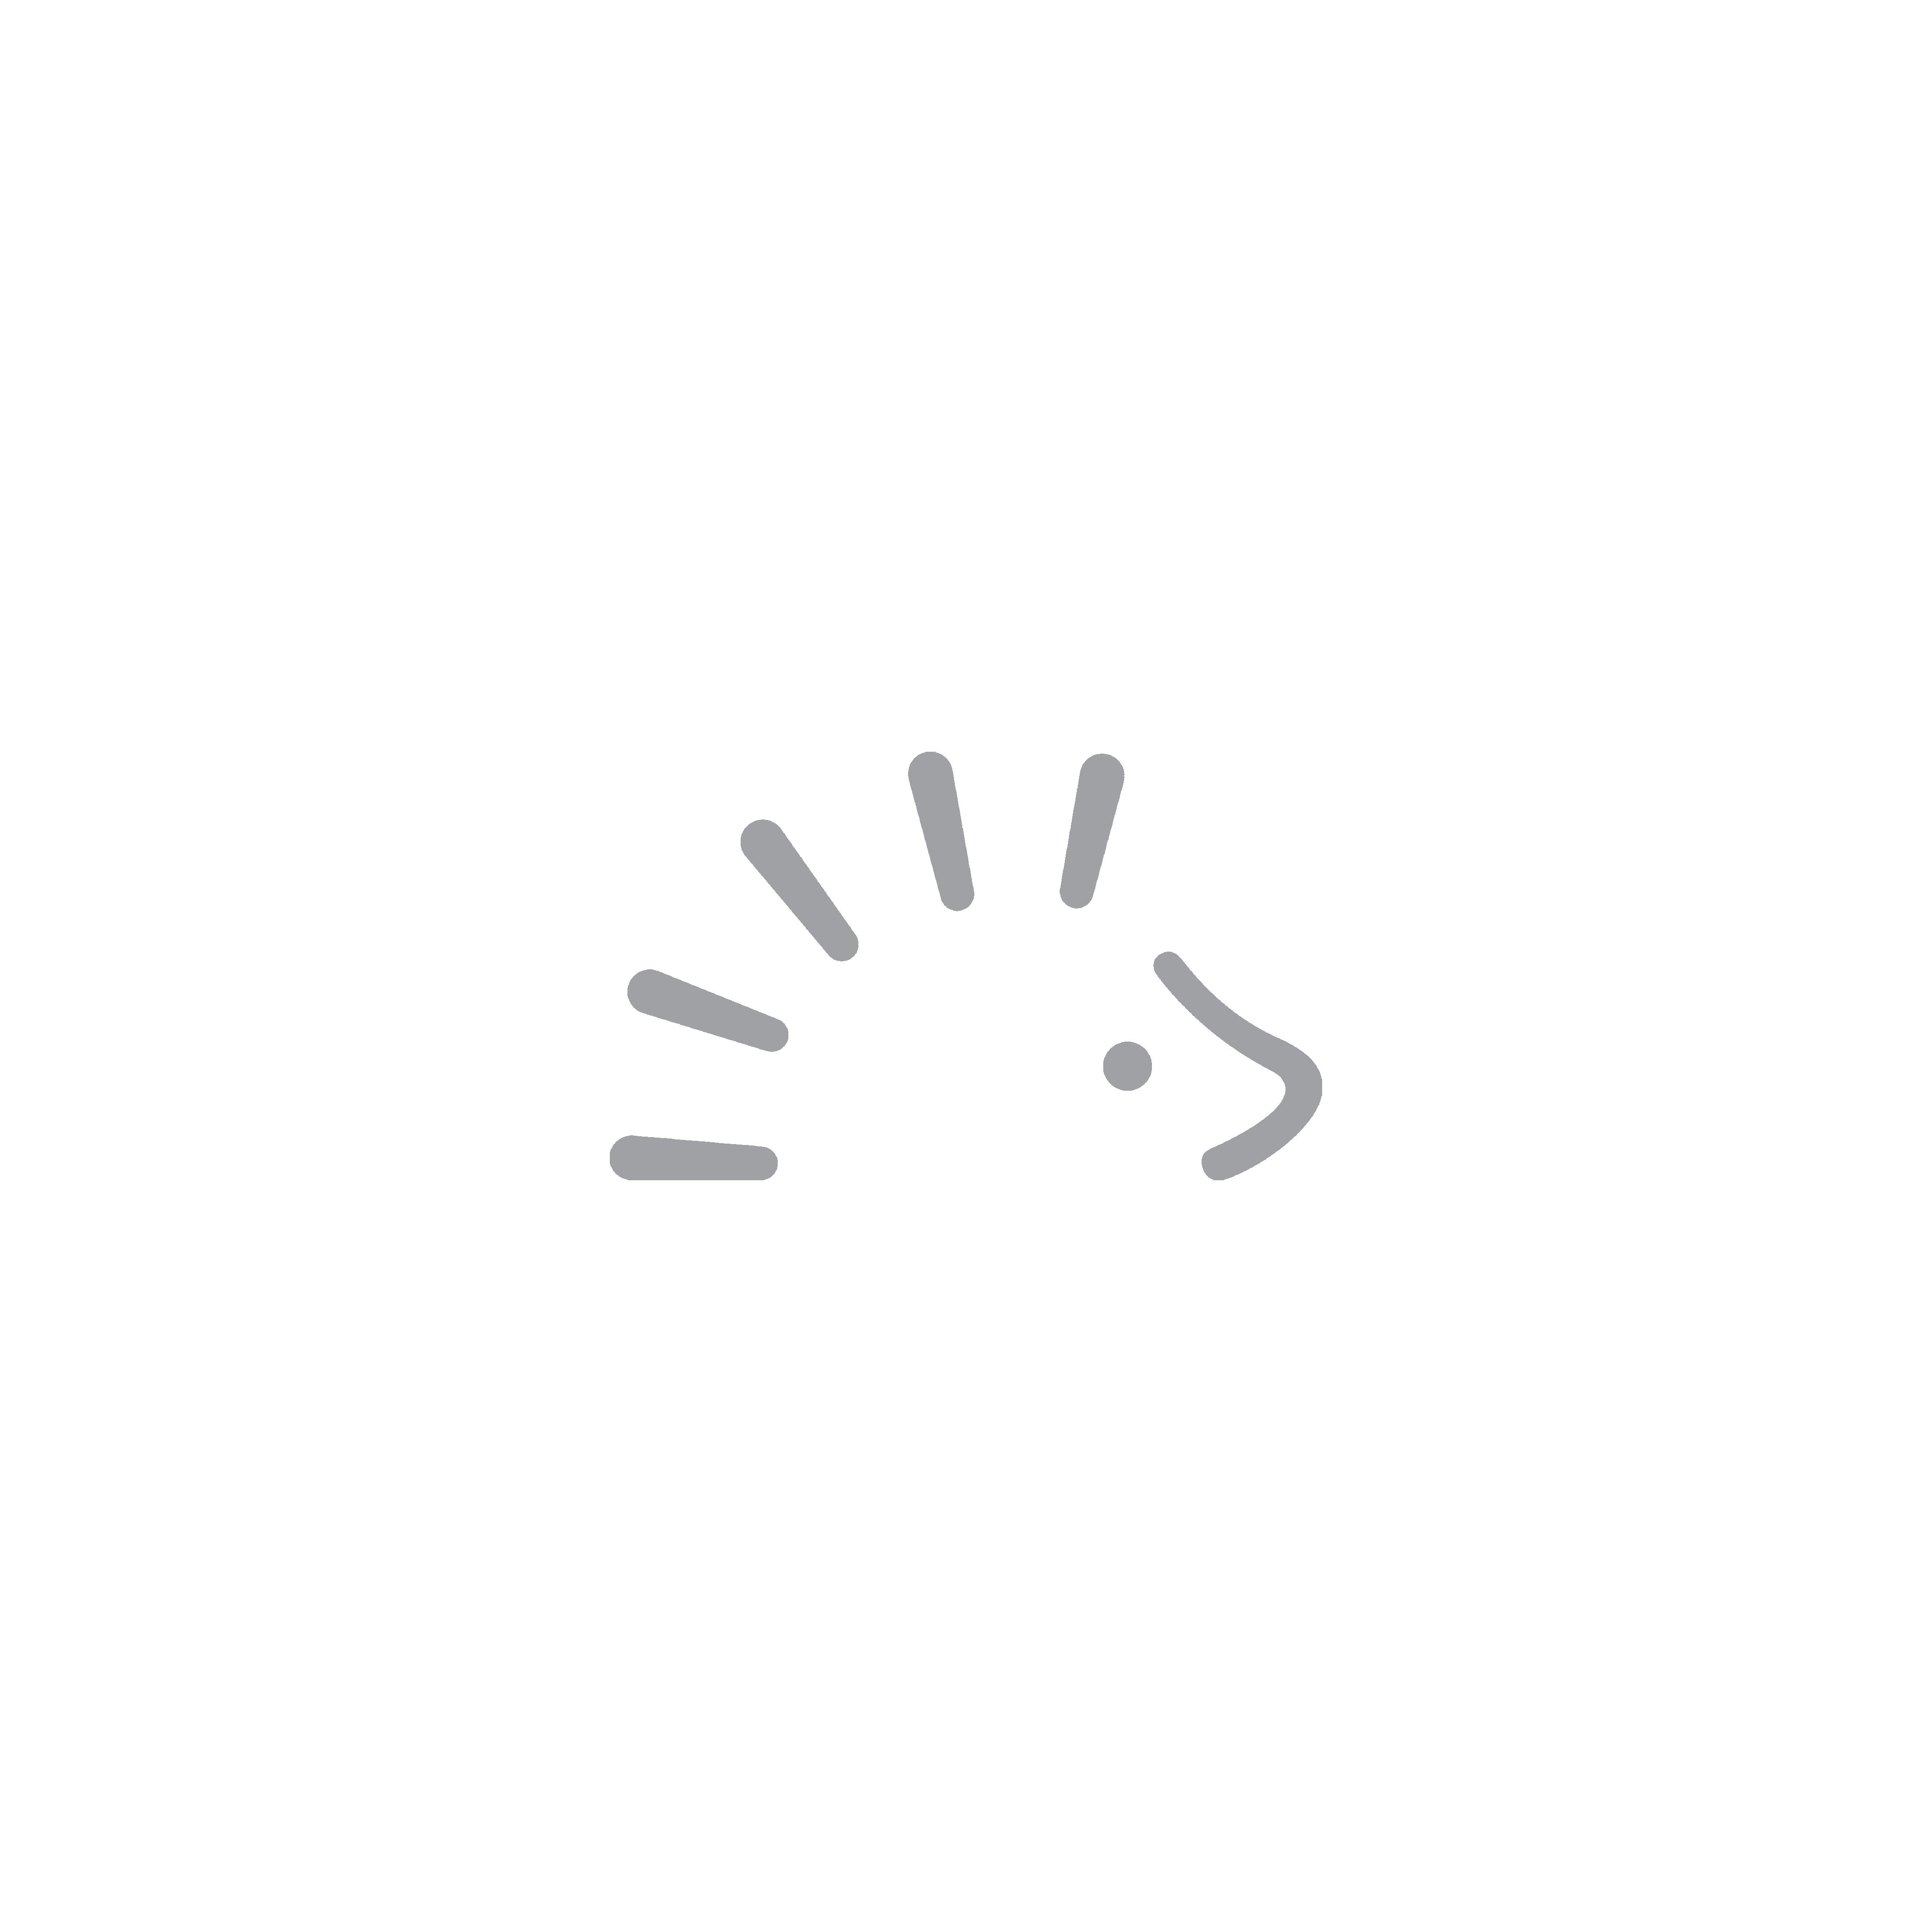 Mosaico animo 8137